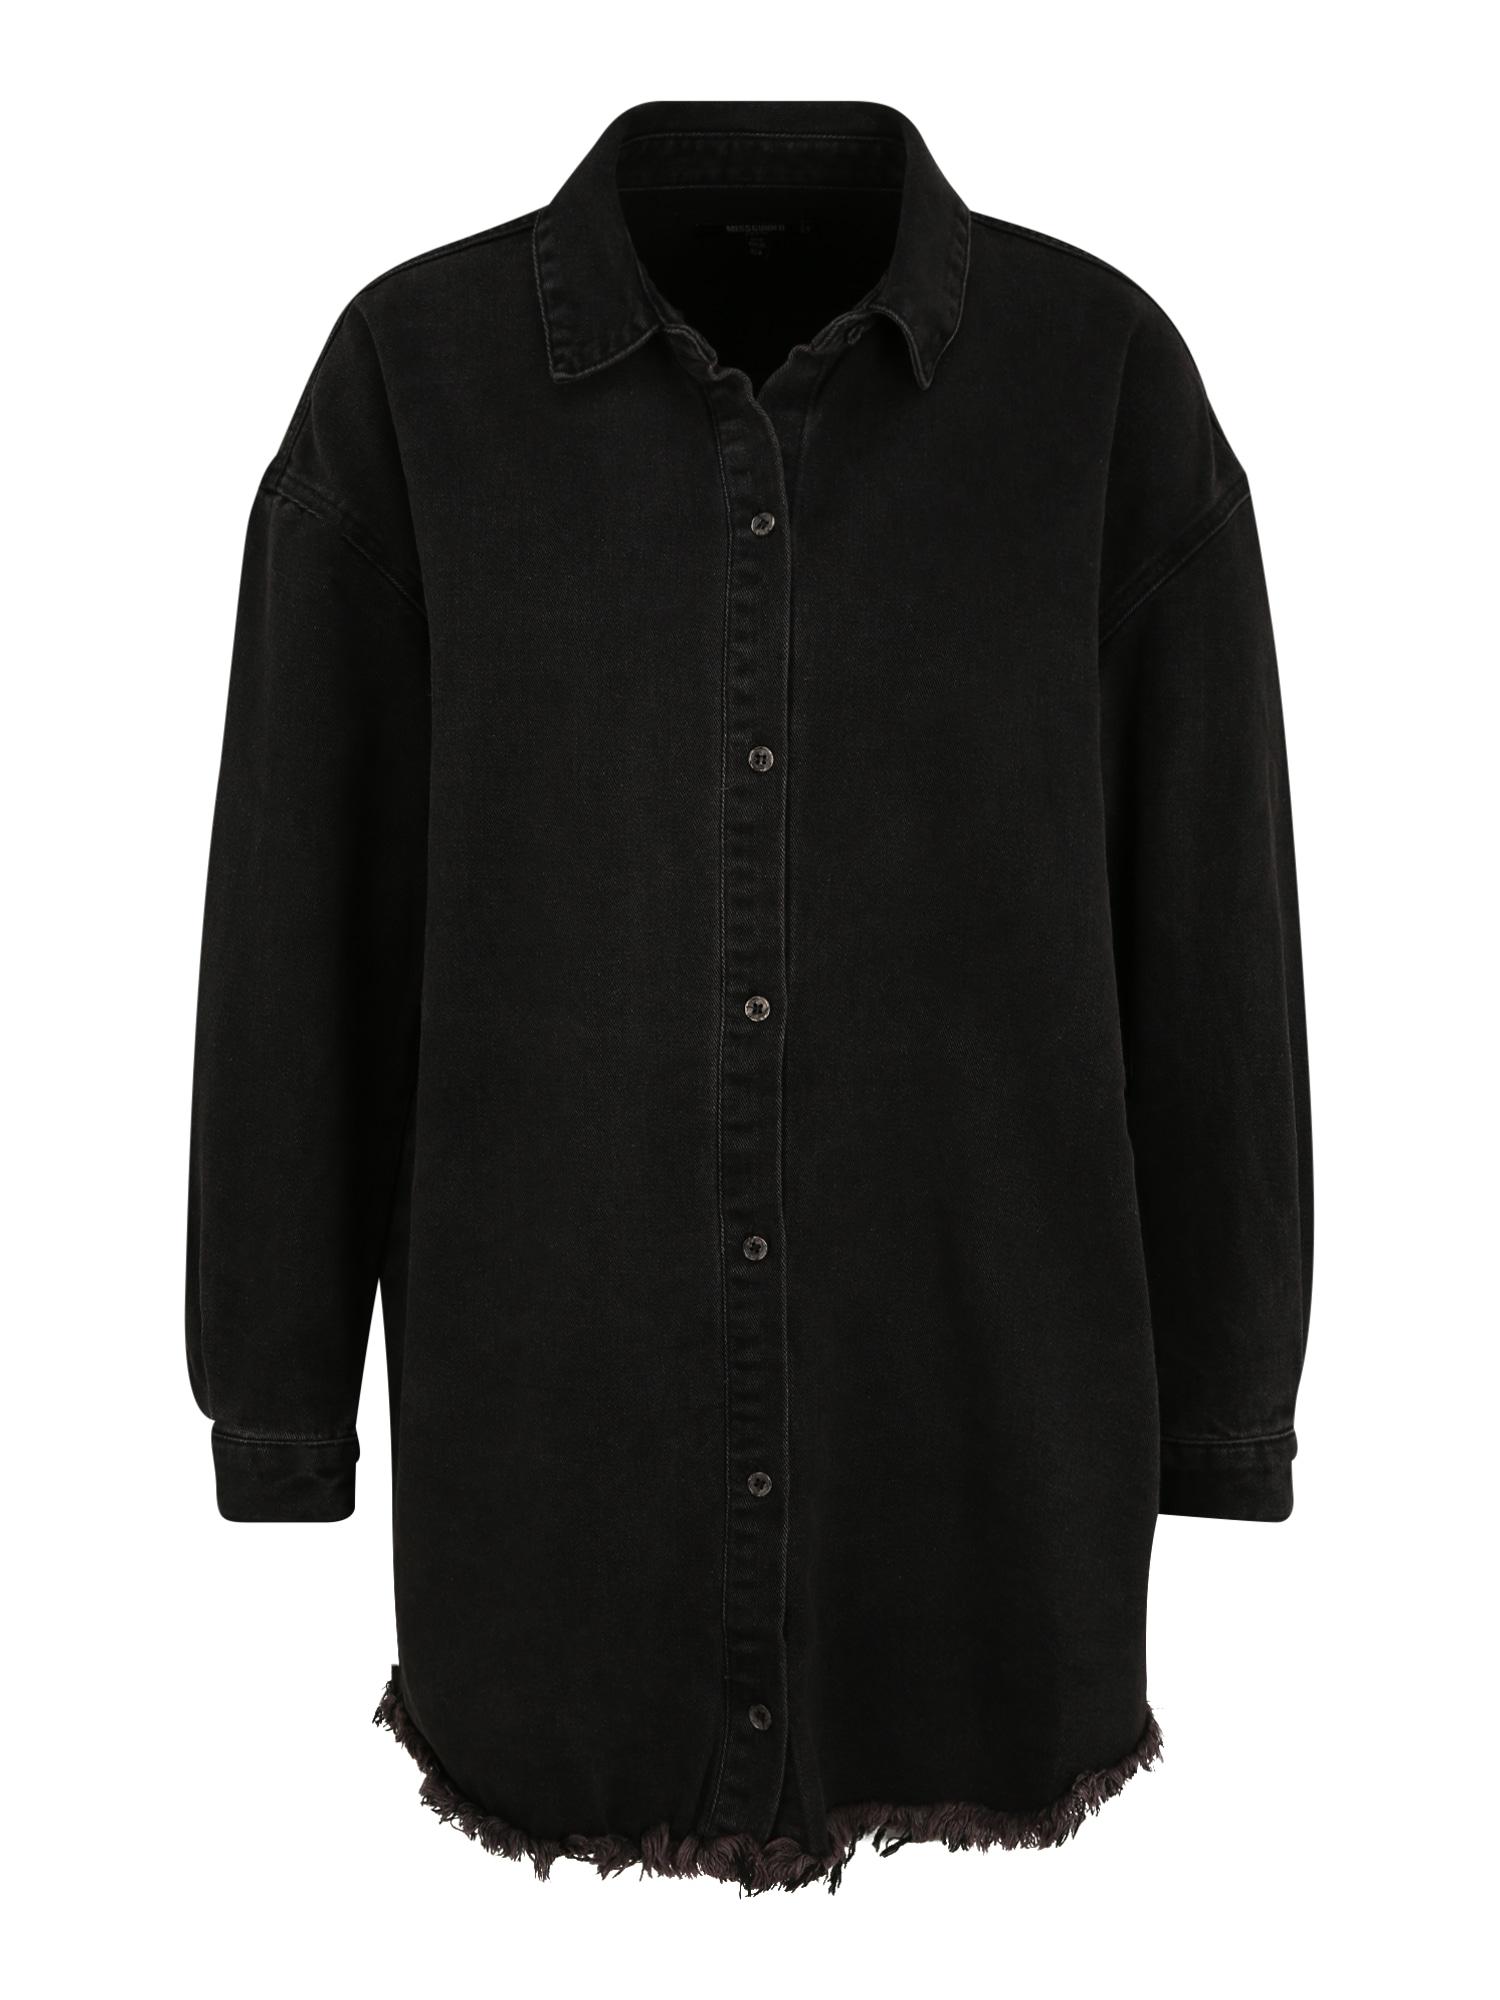 Missguided (Petite) Palaidinės tipo suknelė juoda